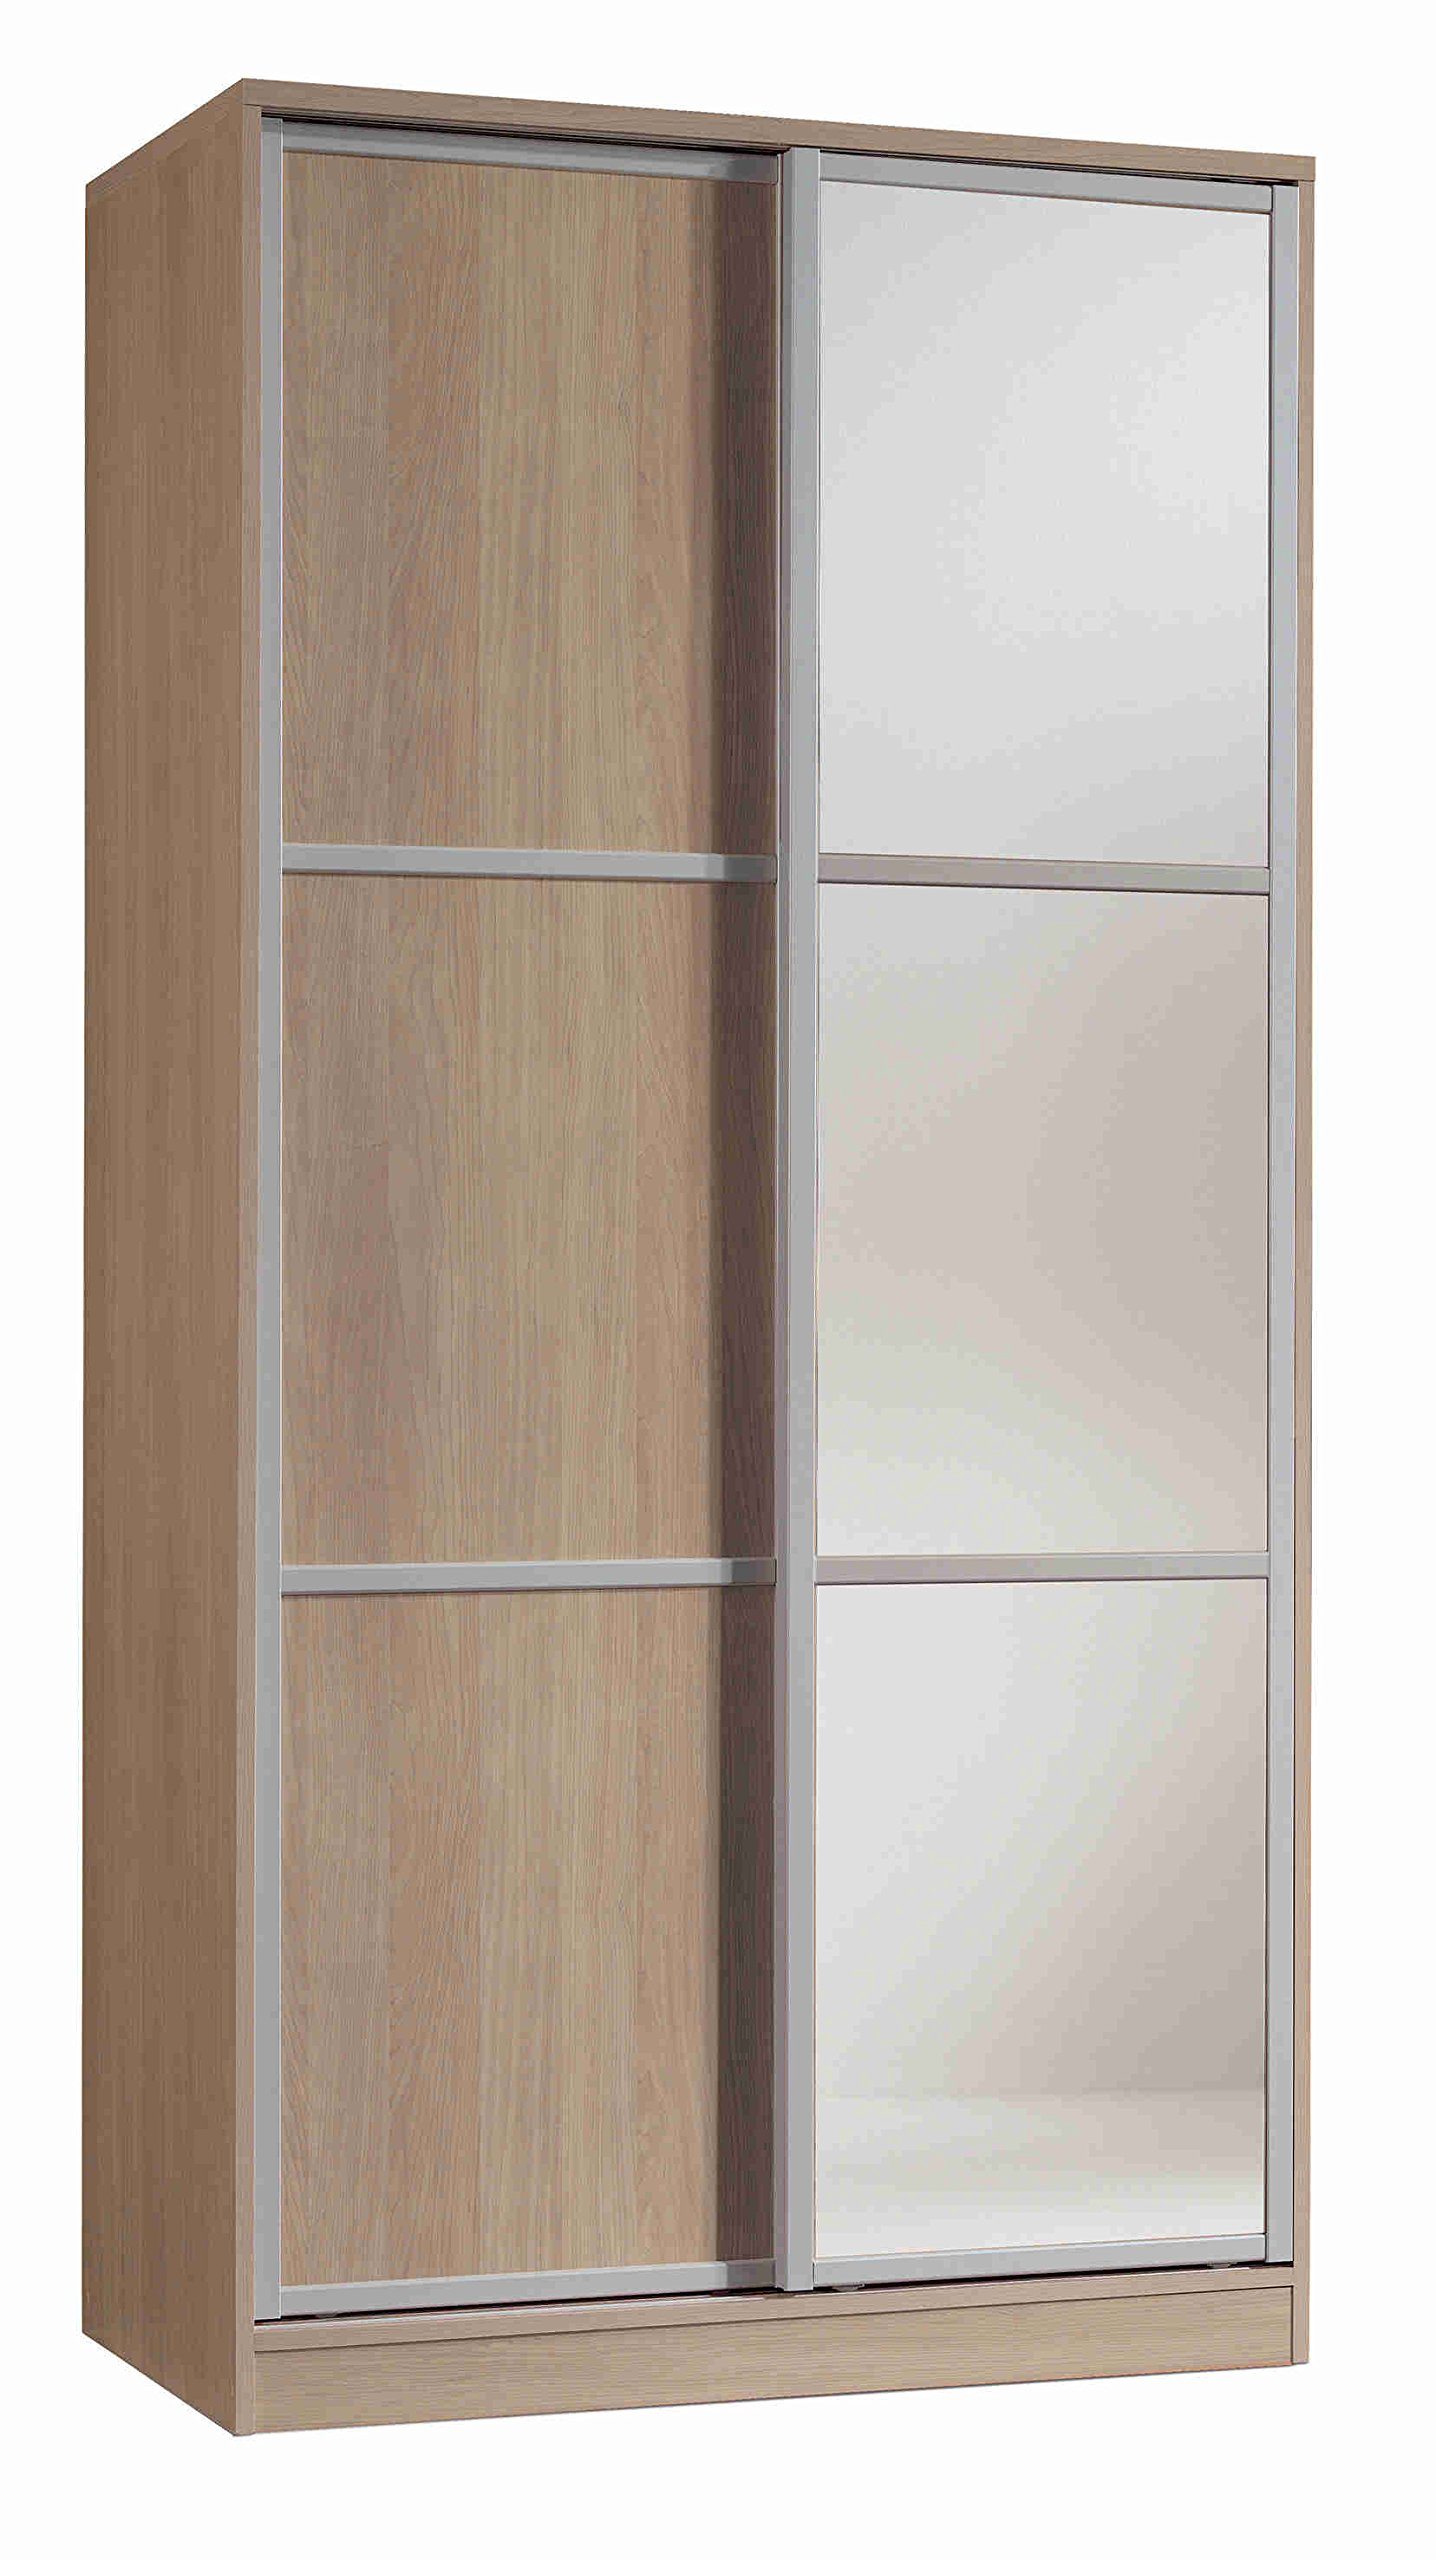 Armario ropero con Espejos Color Cambrian de 2 Puertas correderas, estantes Regulables, molduras Decorativas para Dormitorio. 200cm Alto x 100cm Ancho x 55cm Fondo: Amazon.es: Hogar